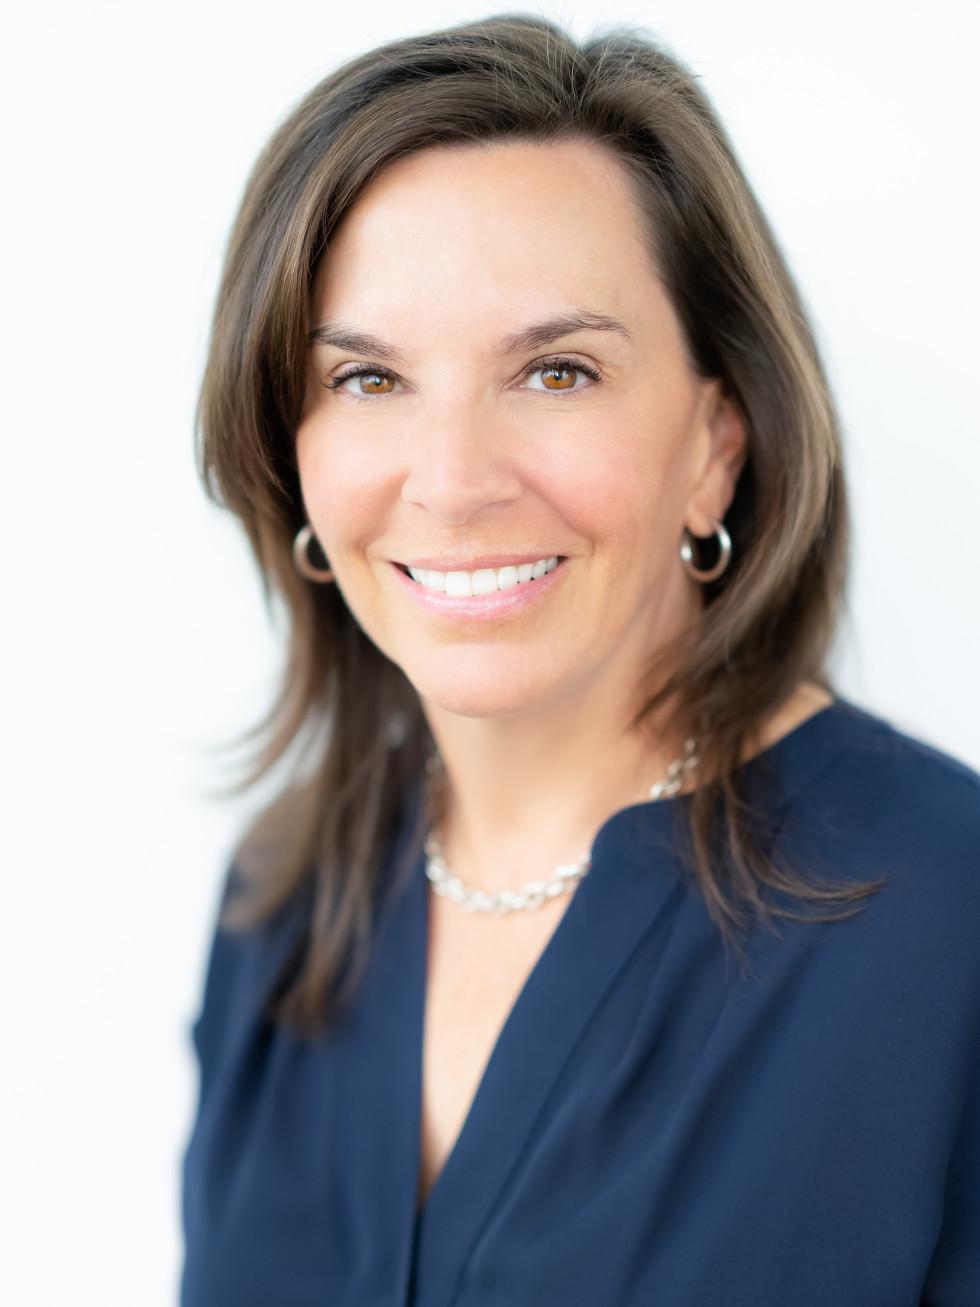 San Antonio Realtor Valerie Petrie